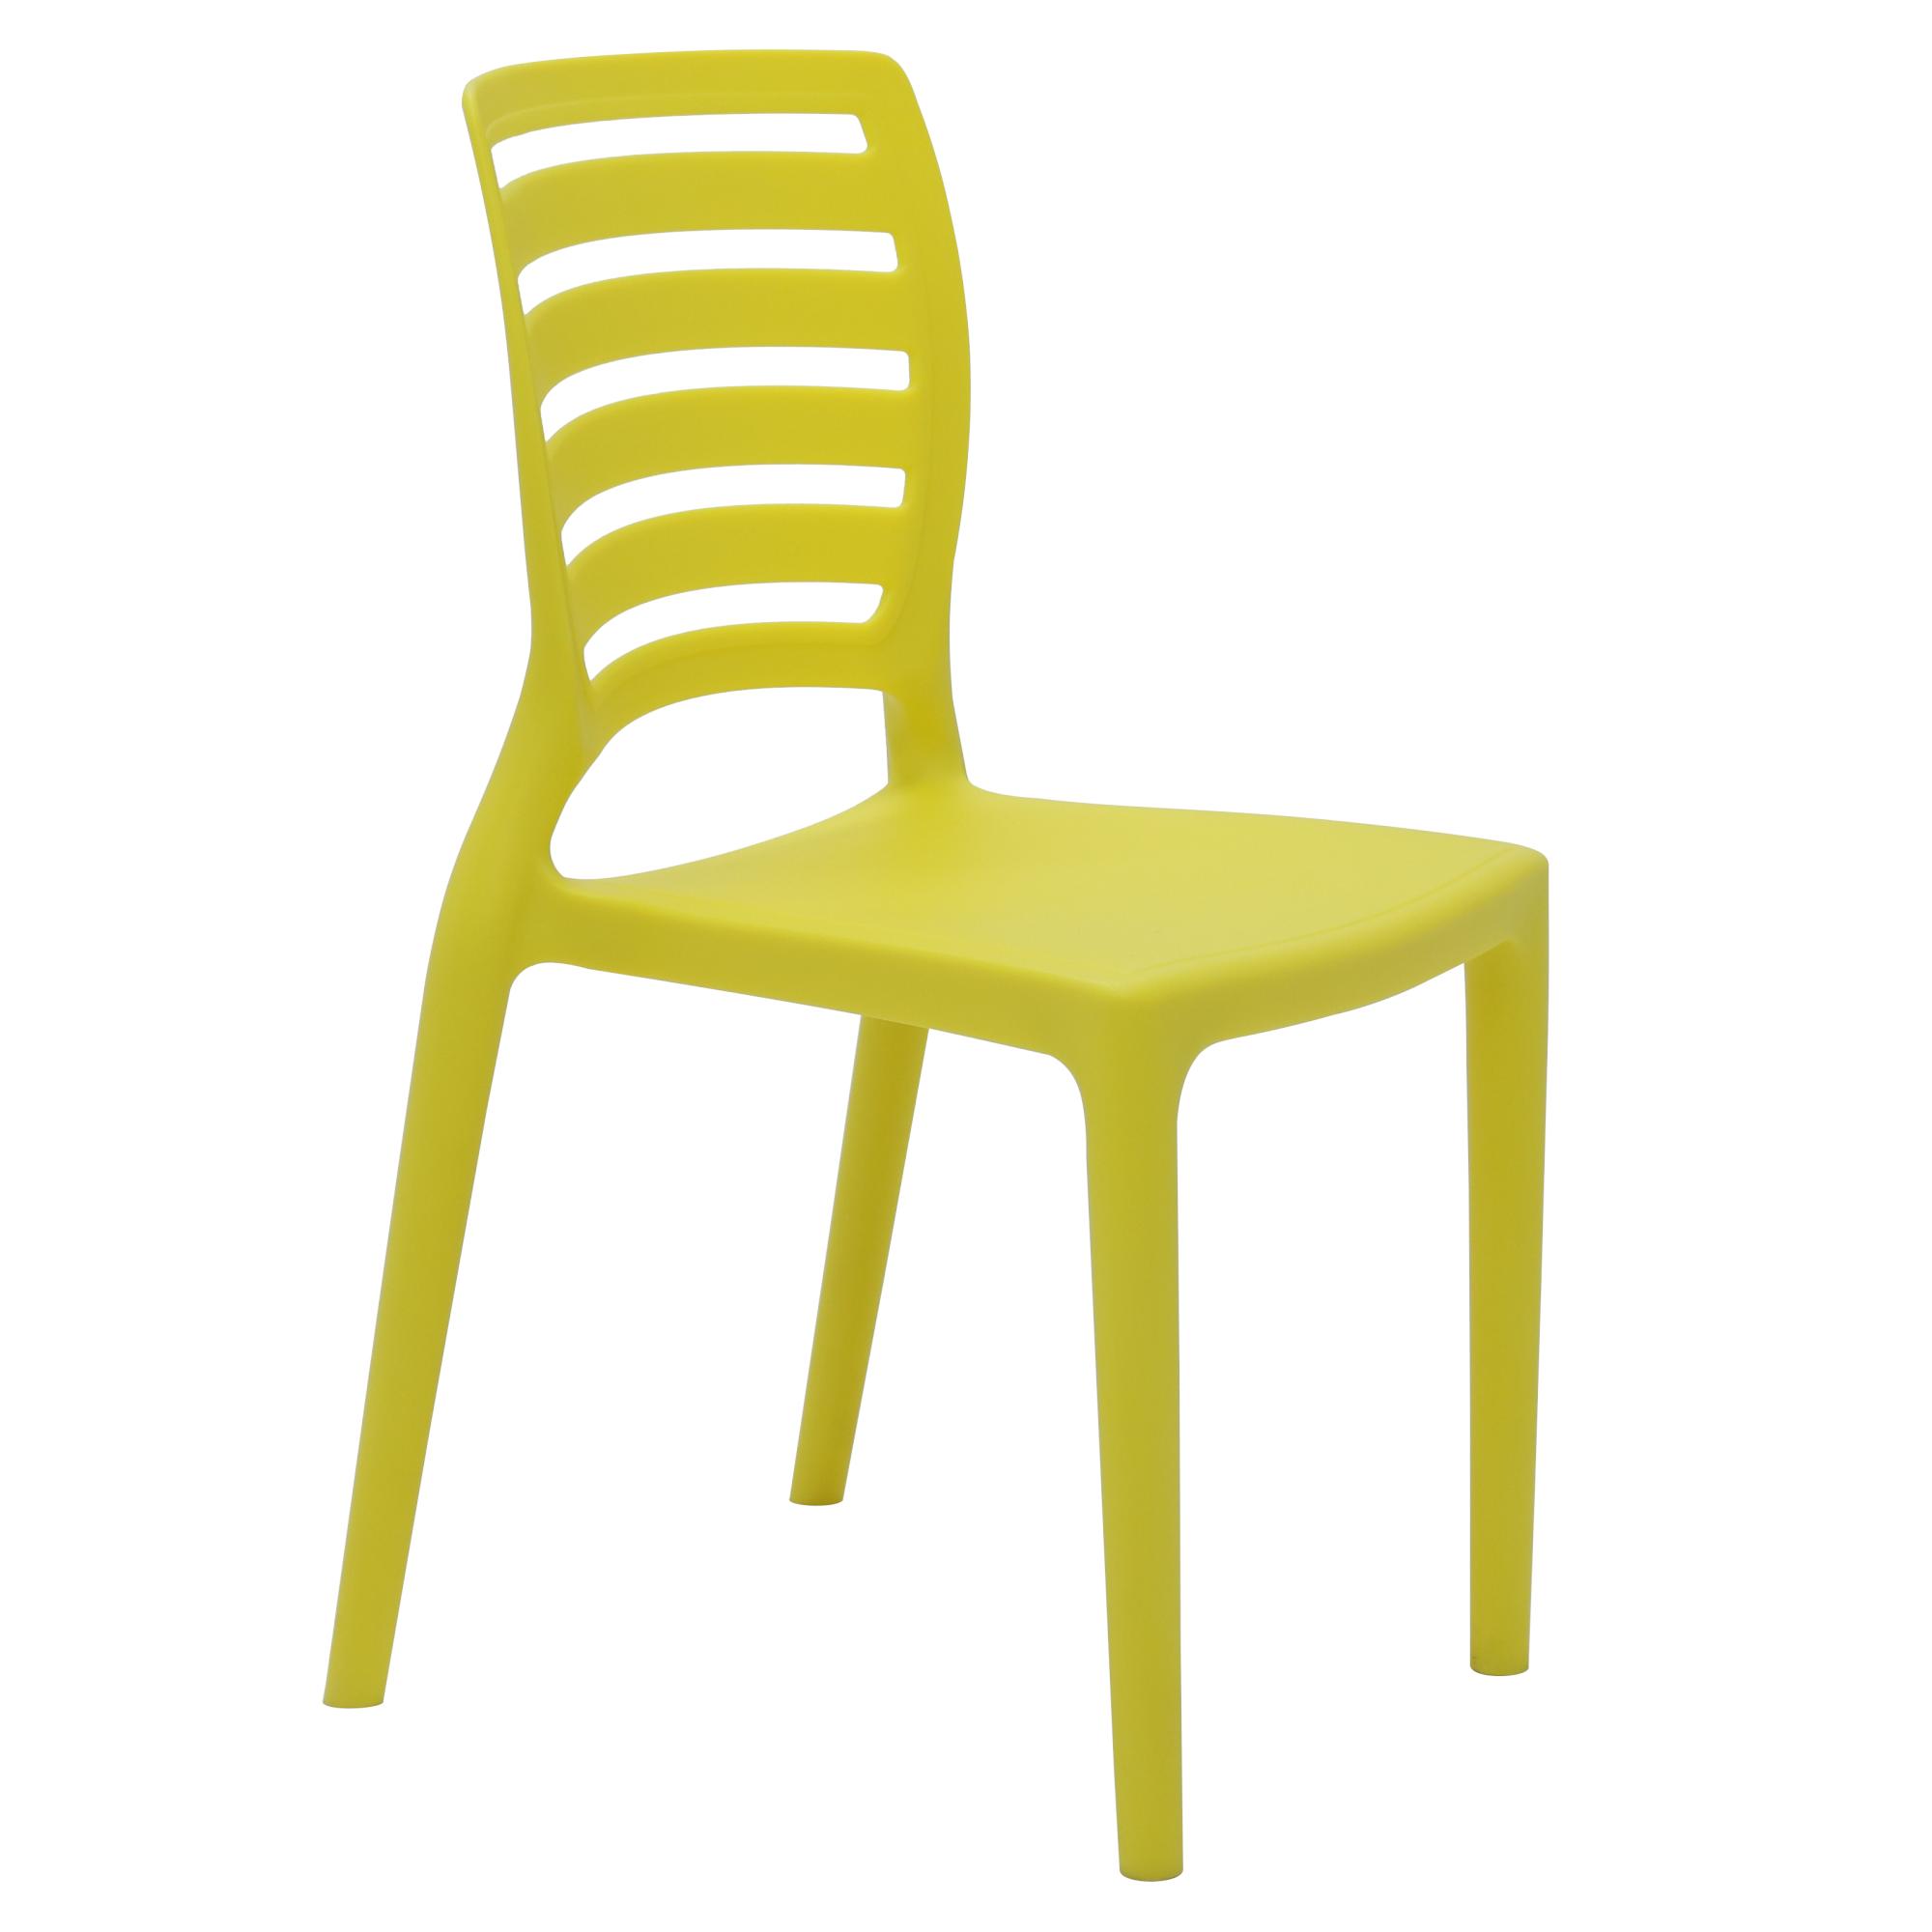 Cadeira Infantil Sofia Amarela - 92282000 - Tramontina